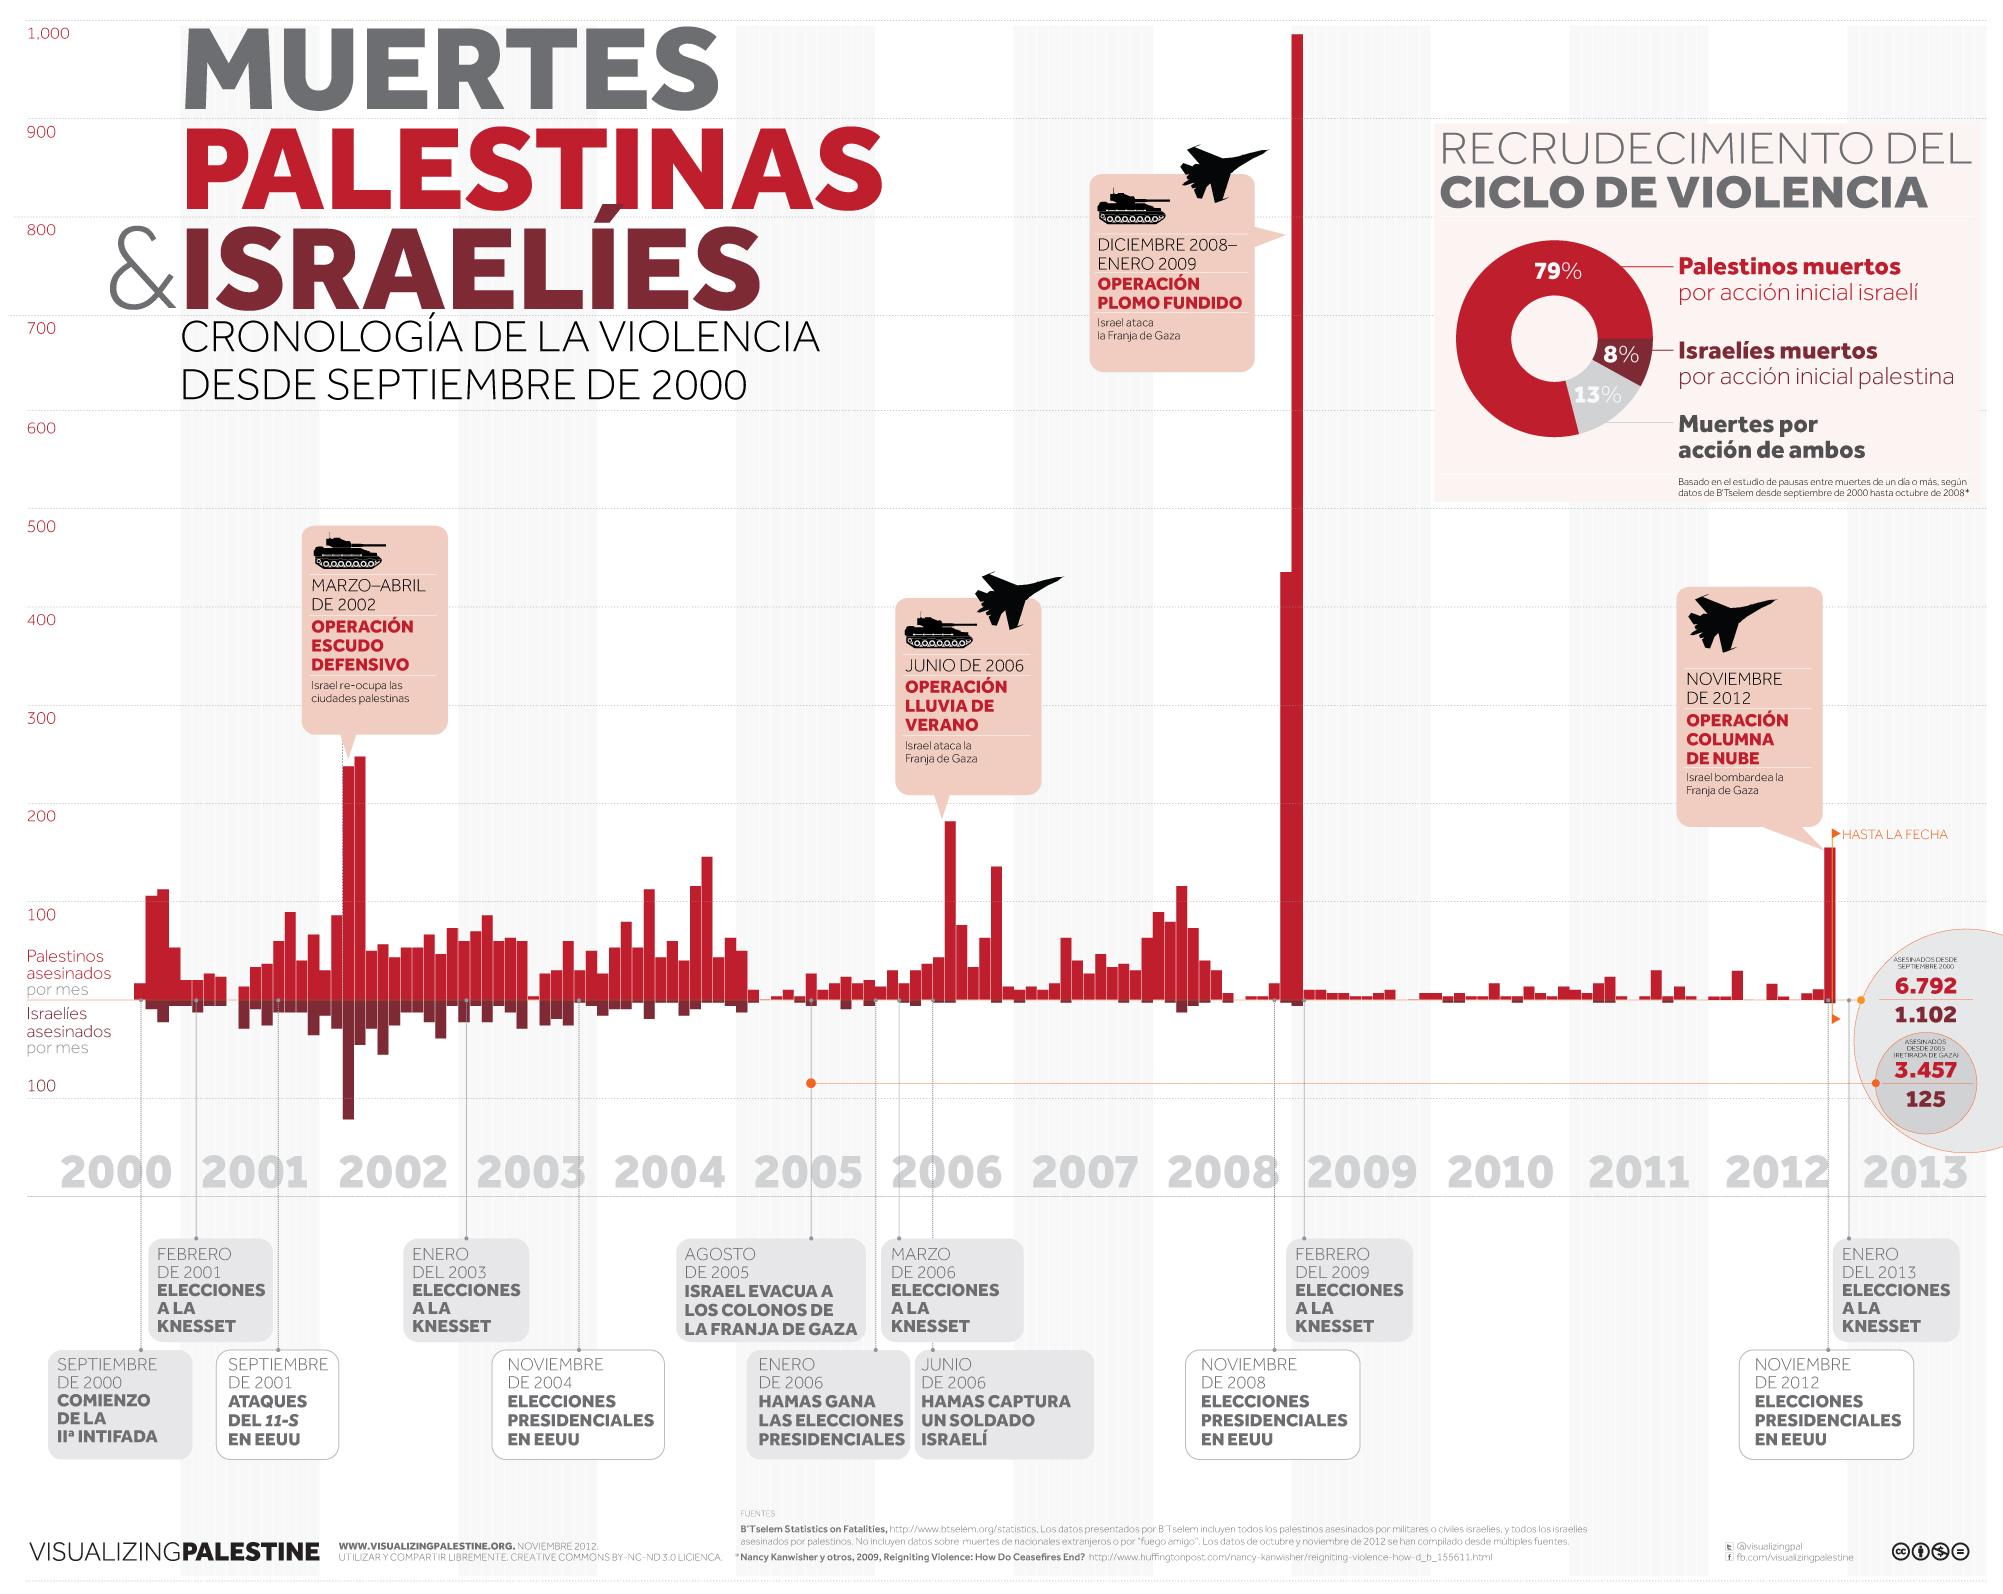 Las muertes palestinas e israelíes: Cronología de la violencia Desde septiembre de 2000